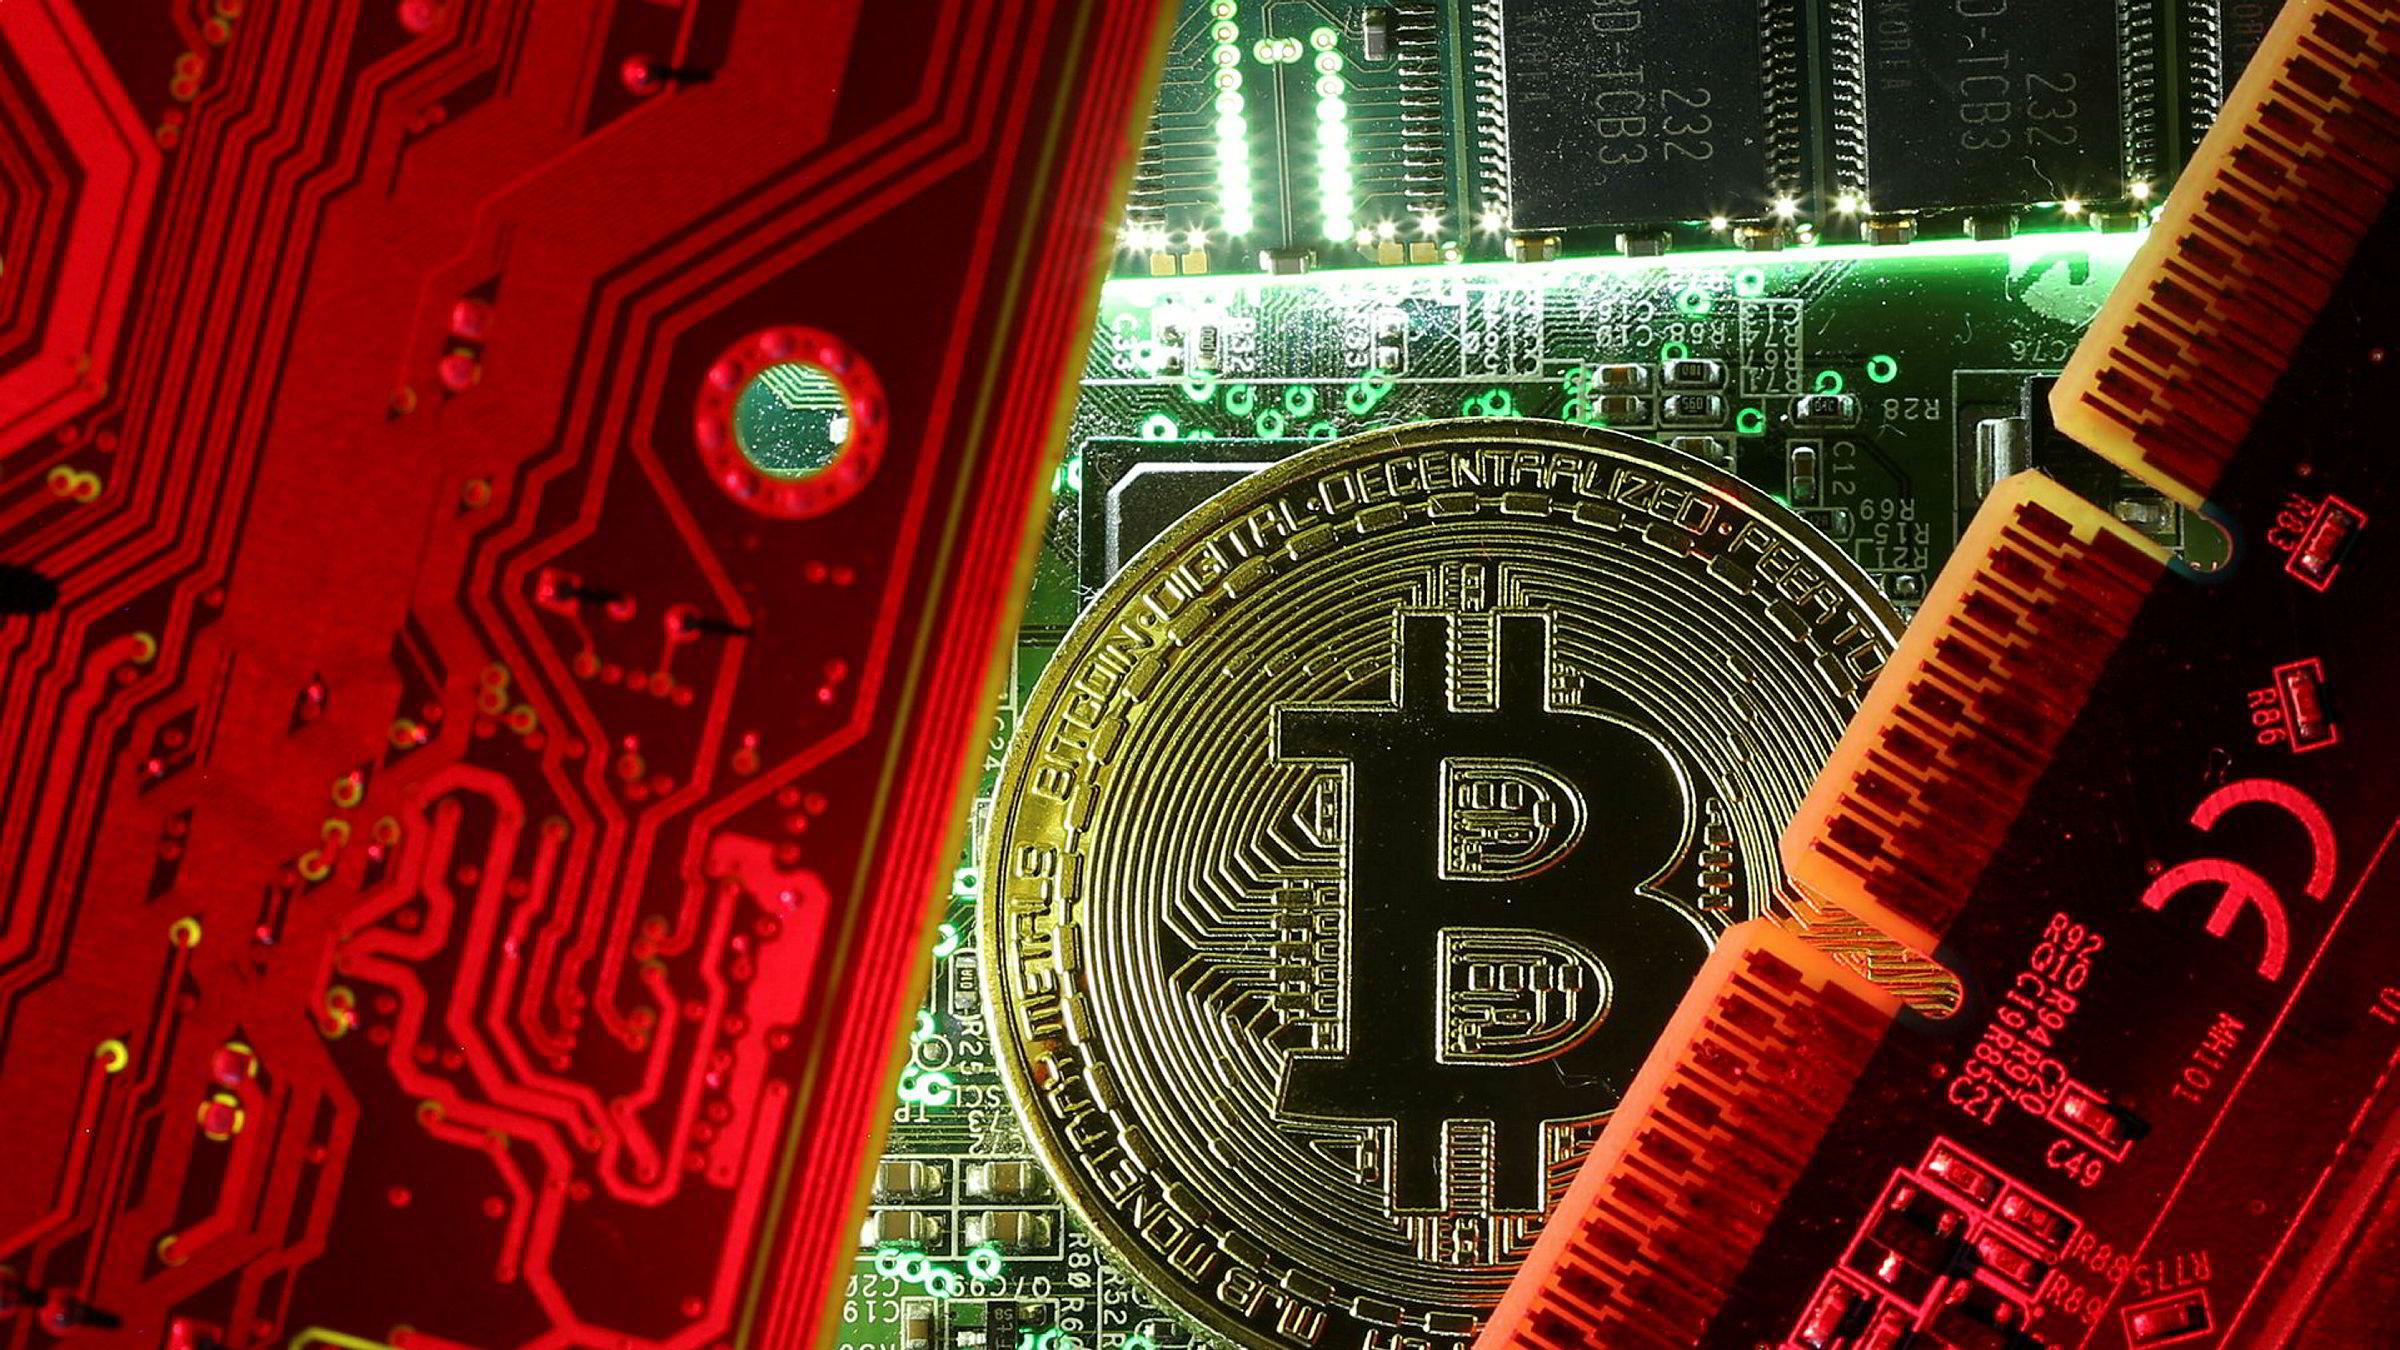 Utviklere, dataminere, valutabørser og investorer kjemper om kontrollen over kryptovalutamiljøet. Fra mandag av av blir det tre ulike bitcoin-valutaer.